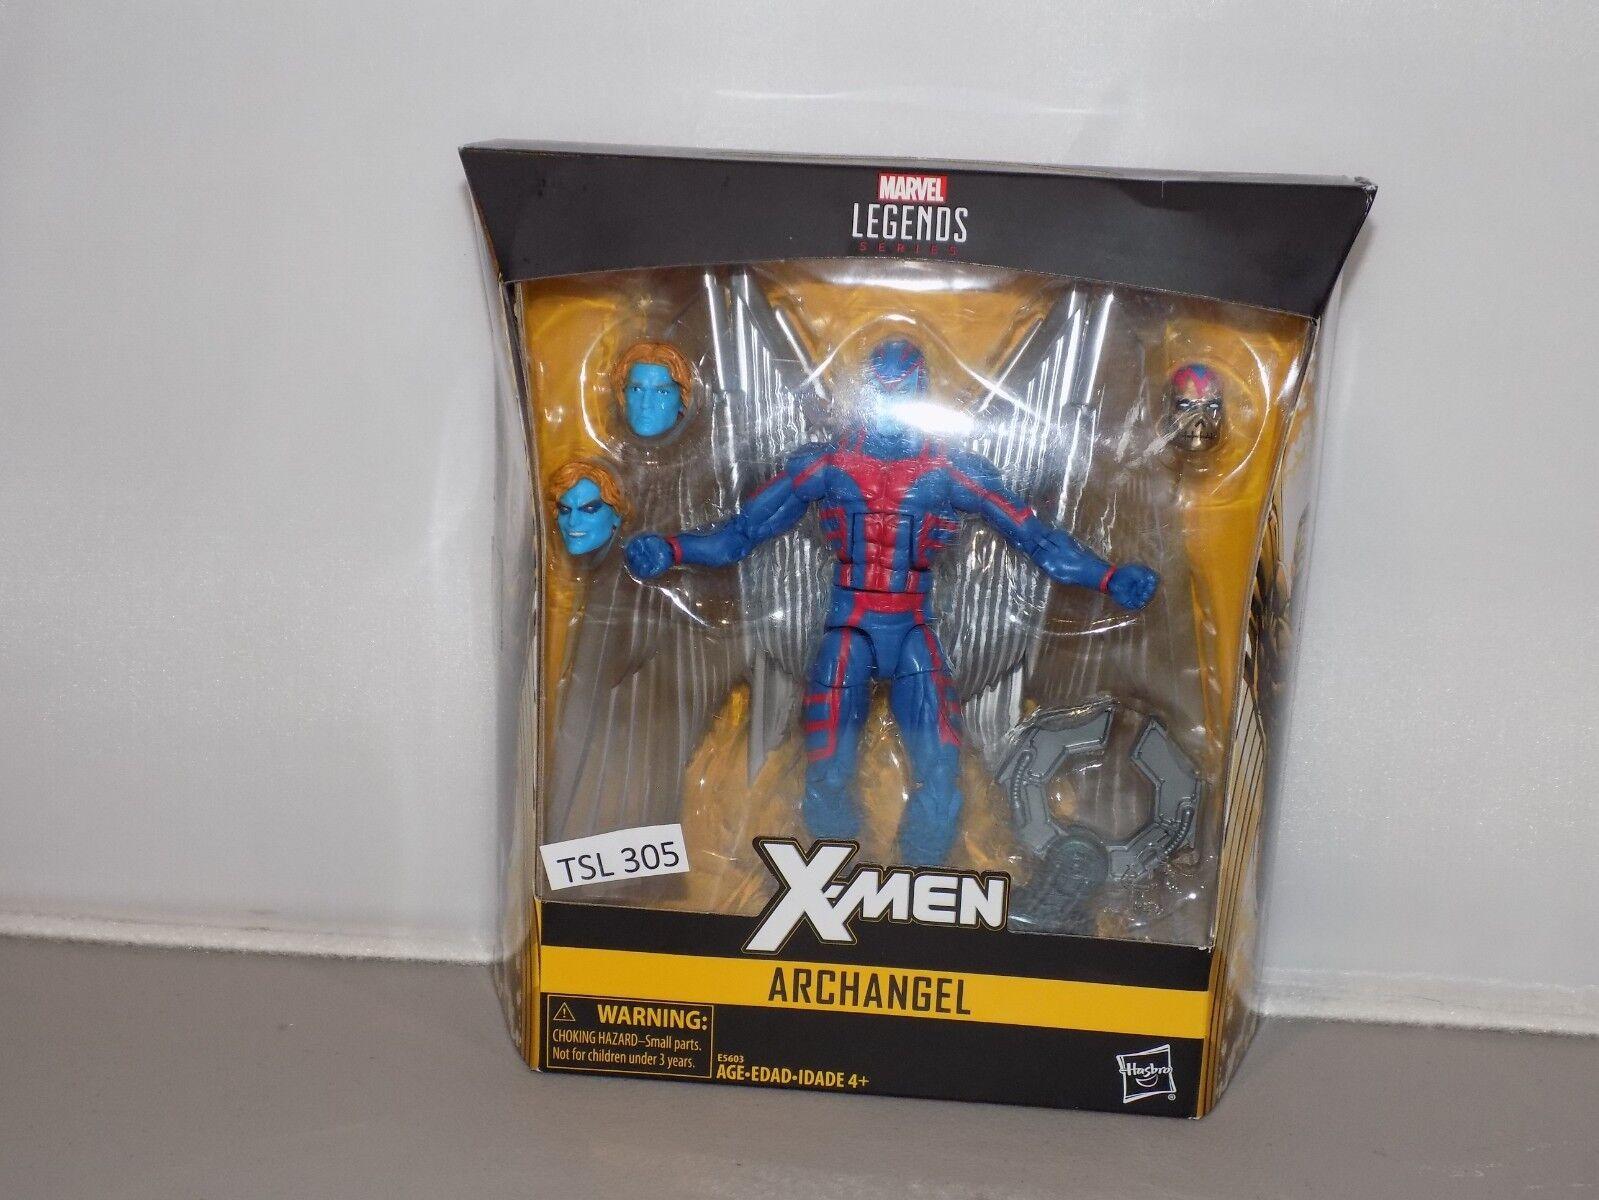 Marvel - legenden  x - men  erzengel große boxset new in box (tsl - 305)